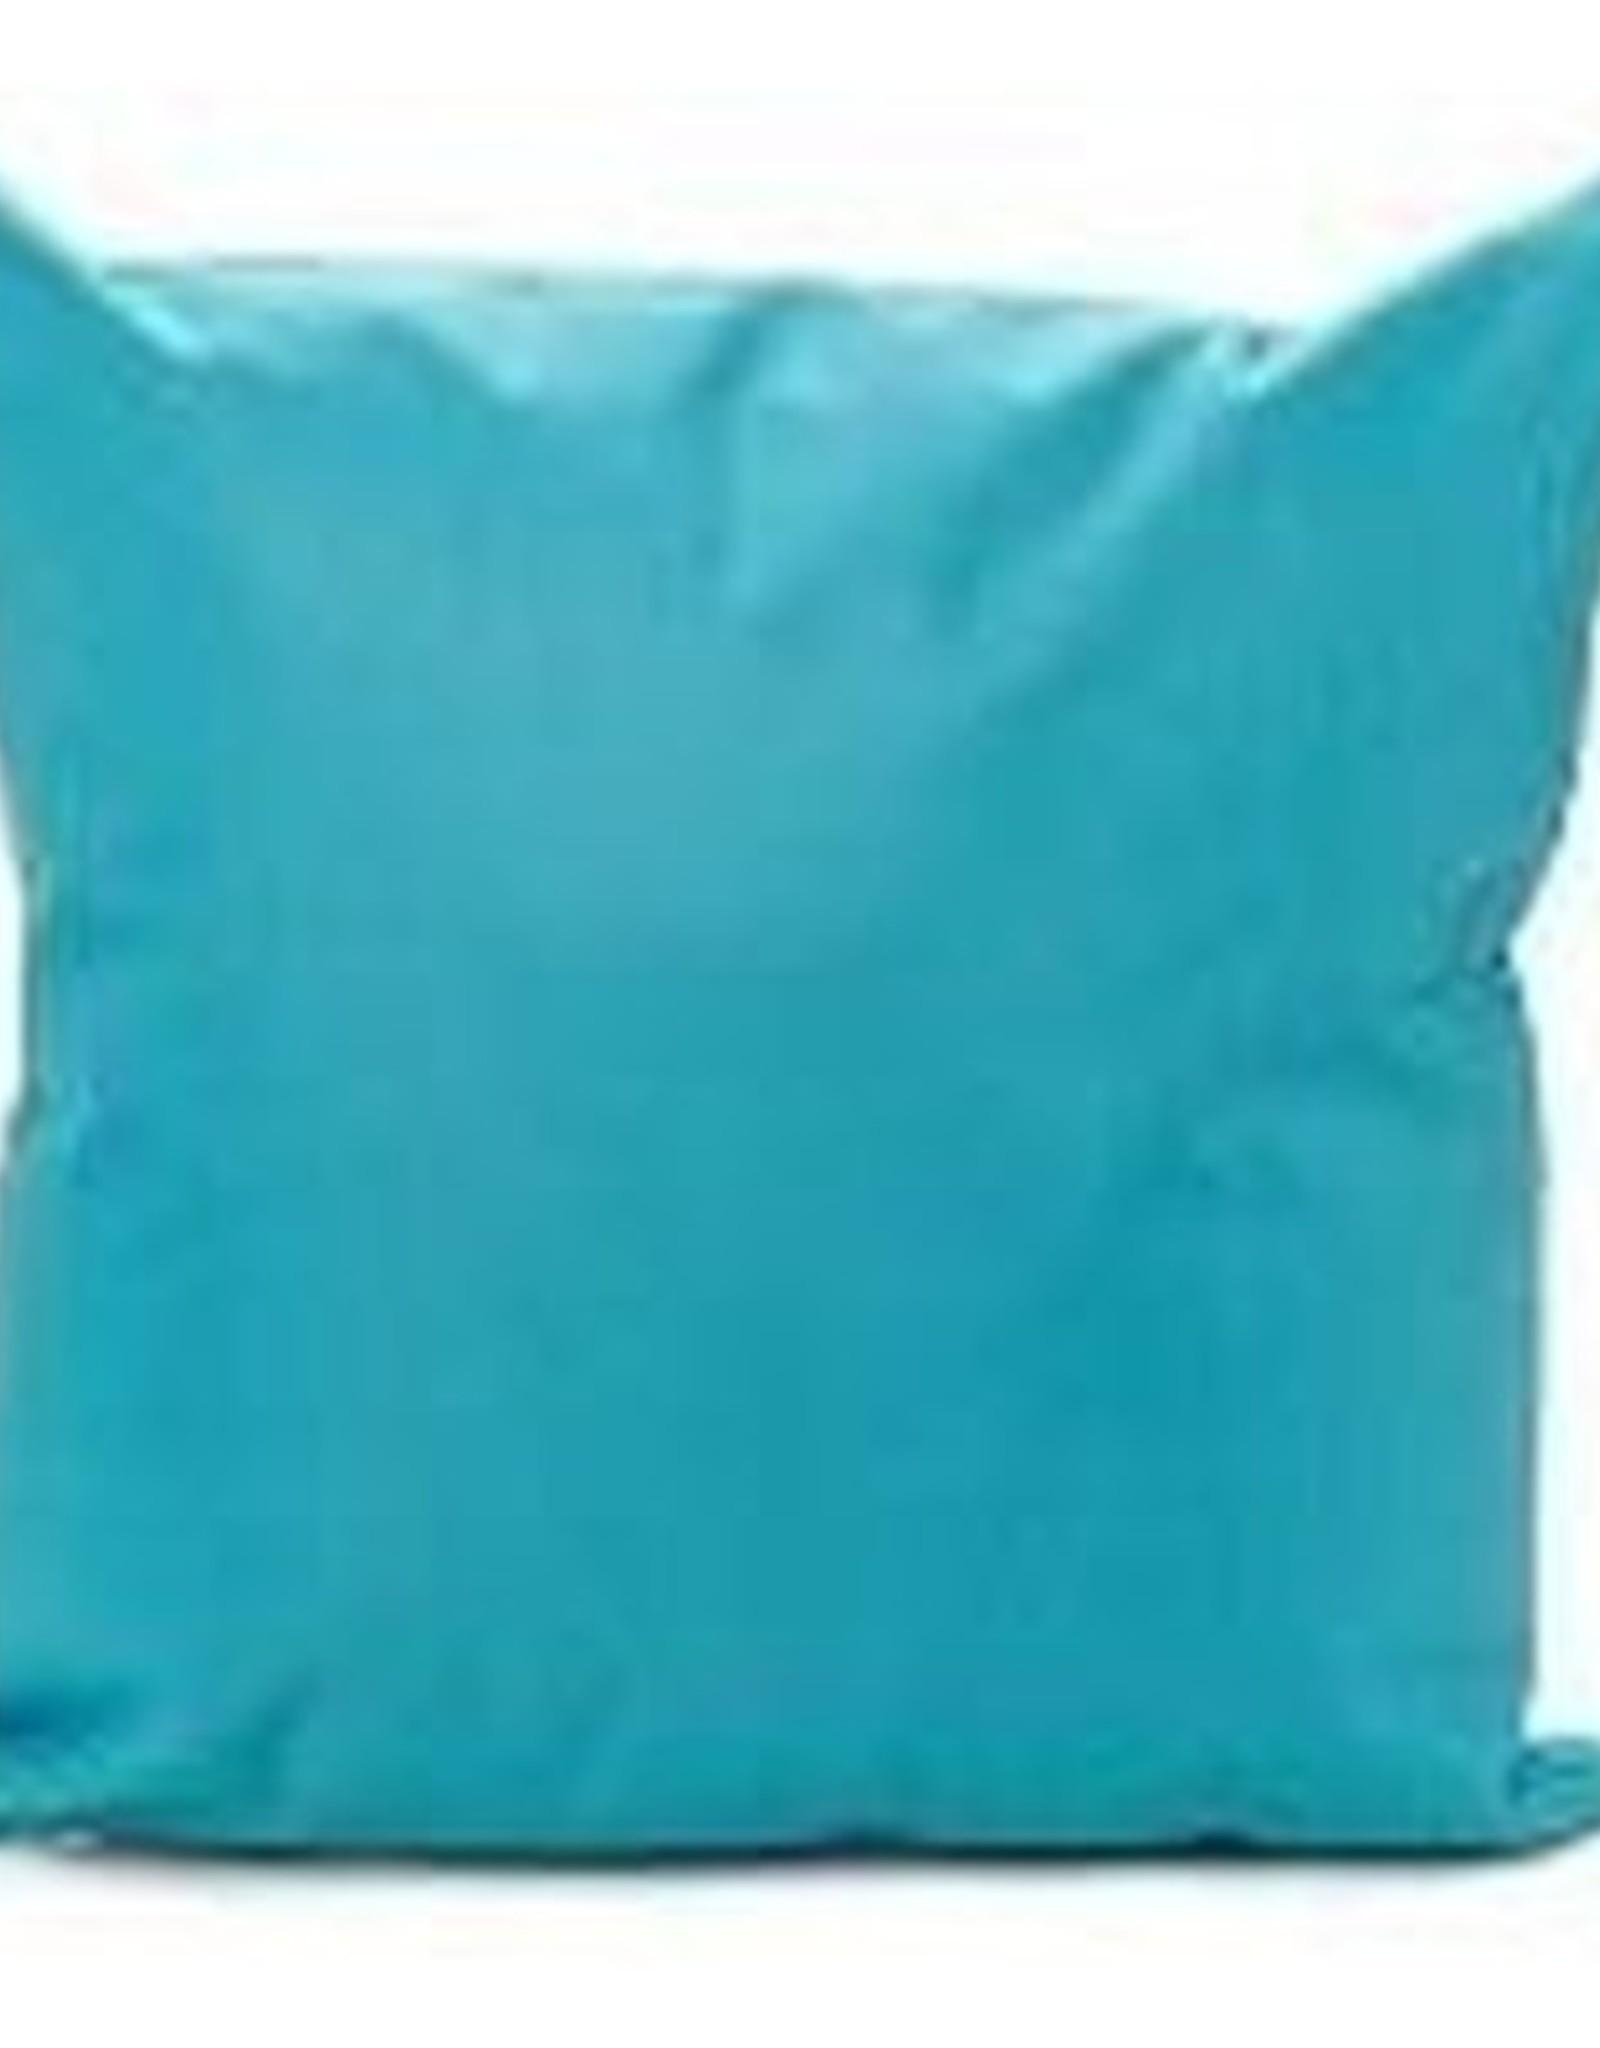 Cushion Cover Harman 18x18 Blue